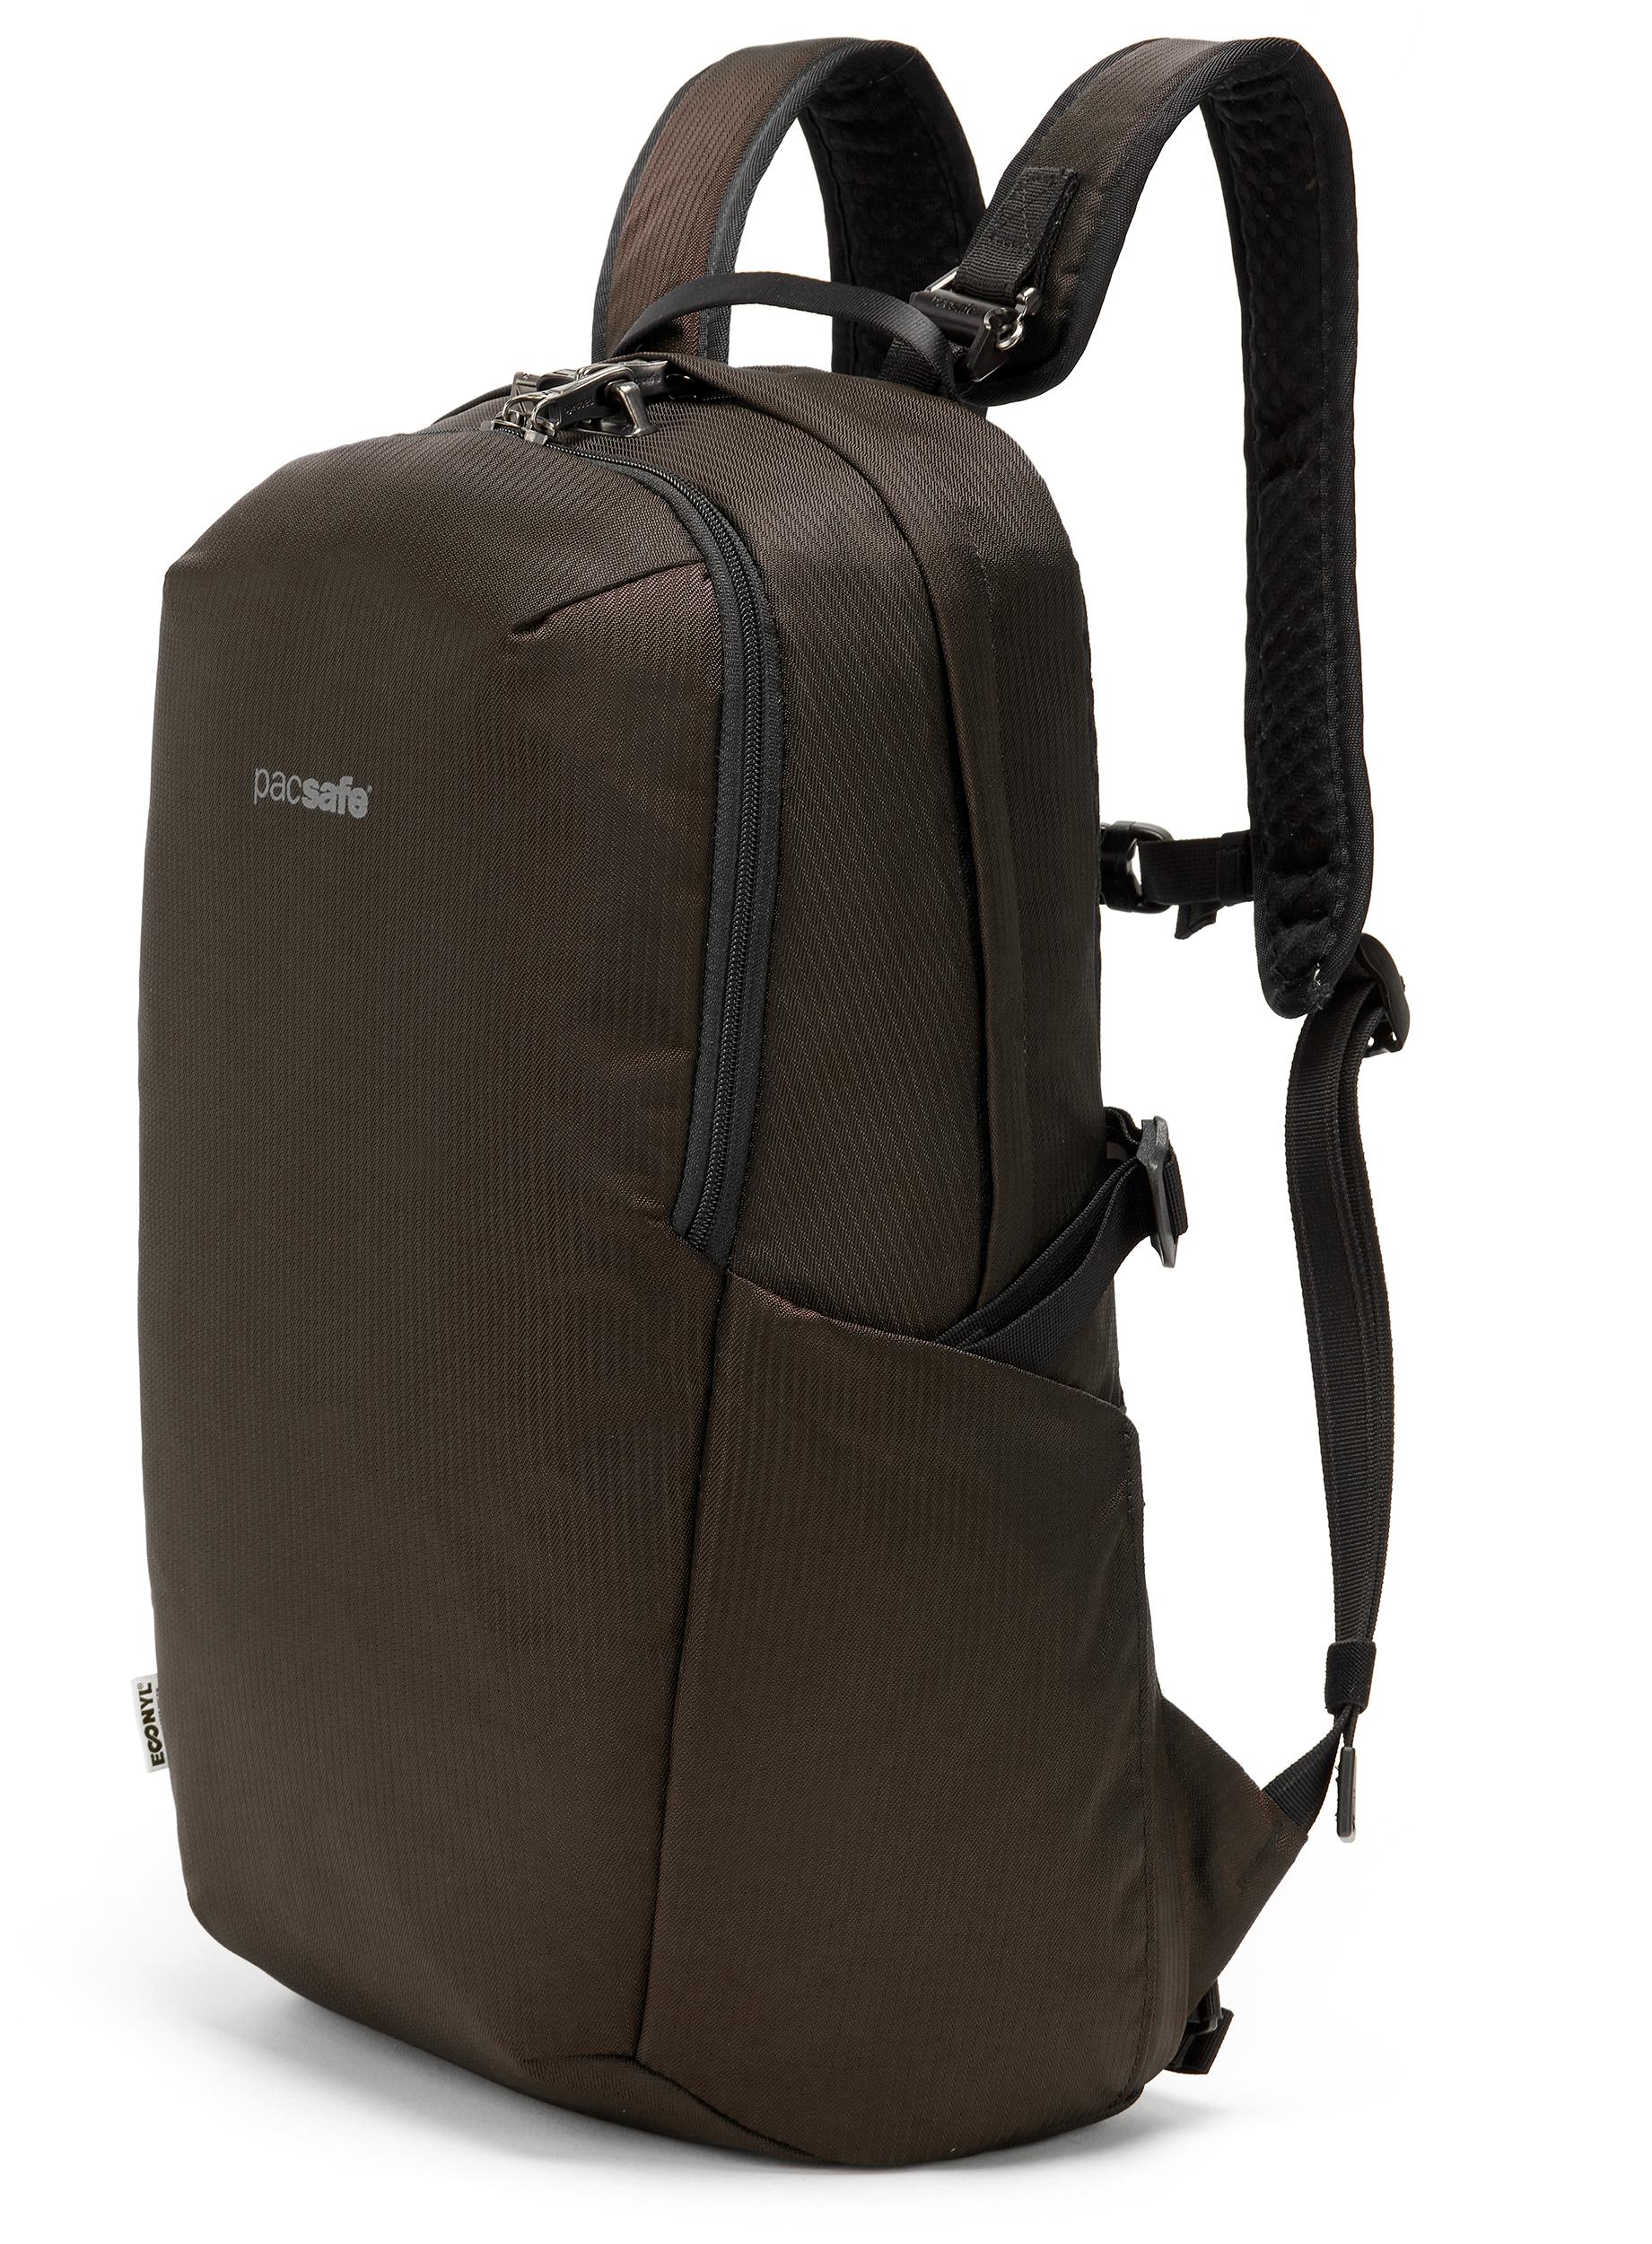 16f6848fe144 Packs and bags | MEC